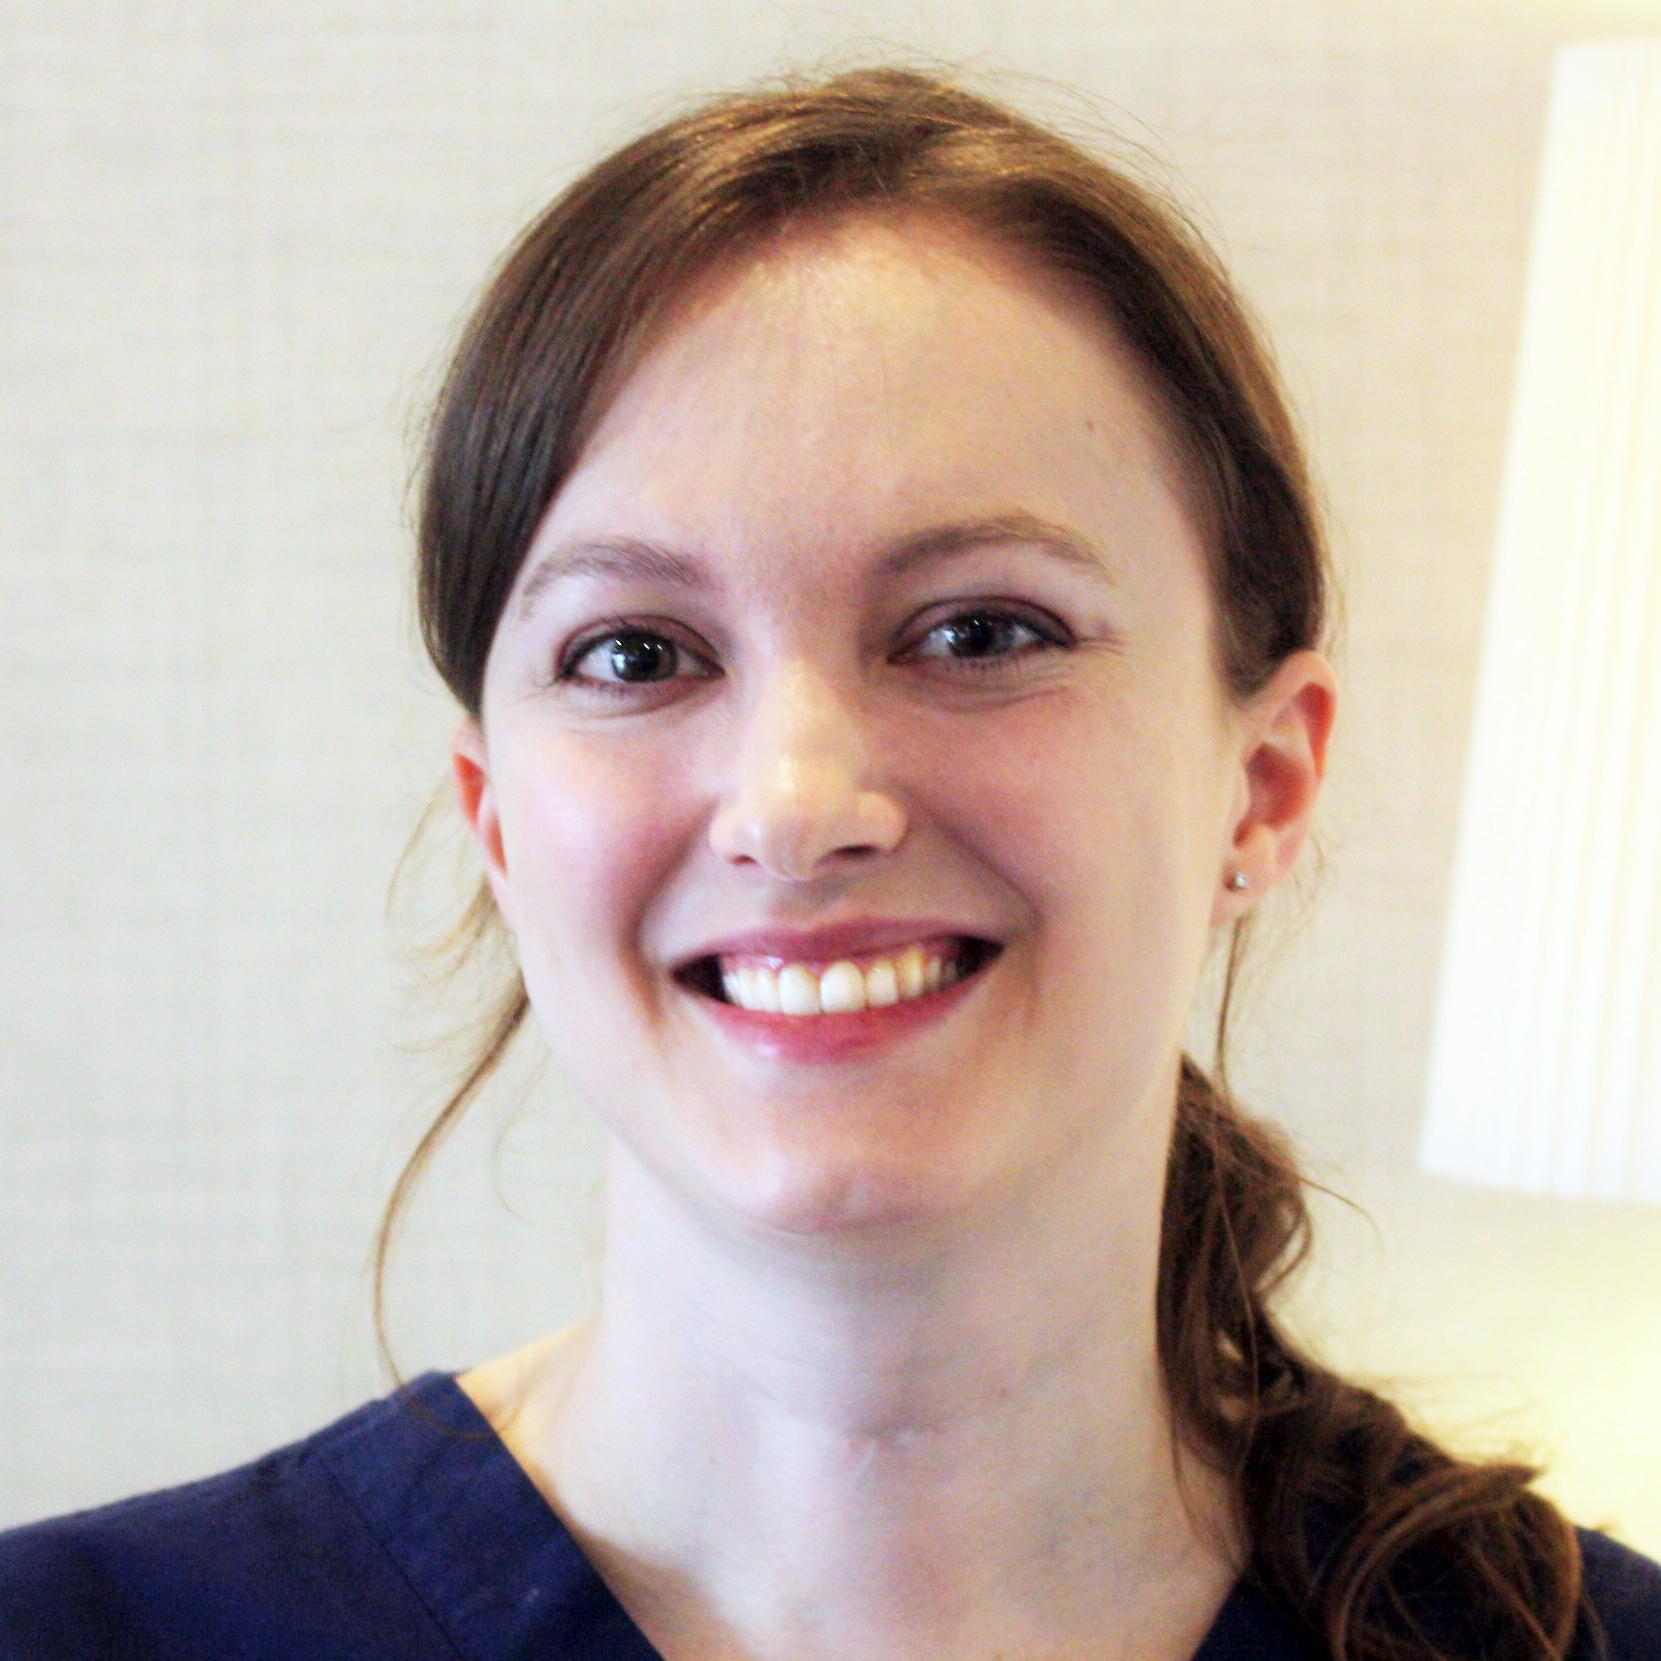 Sasha McLean